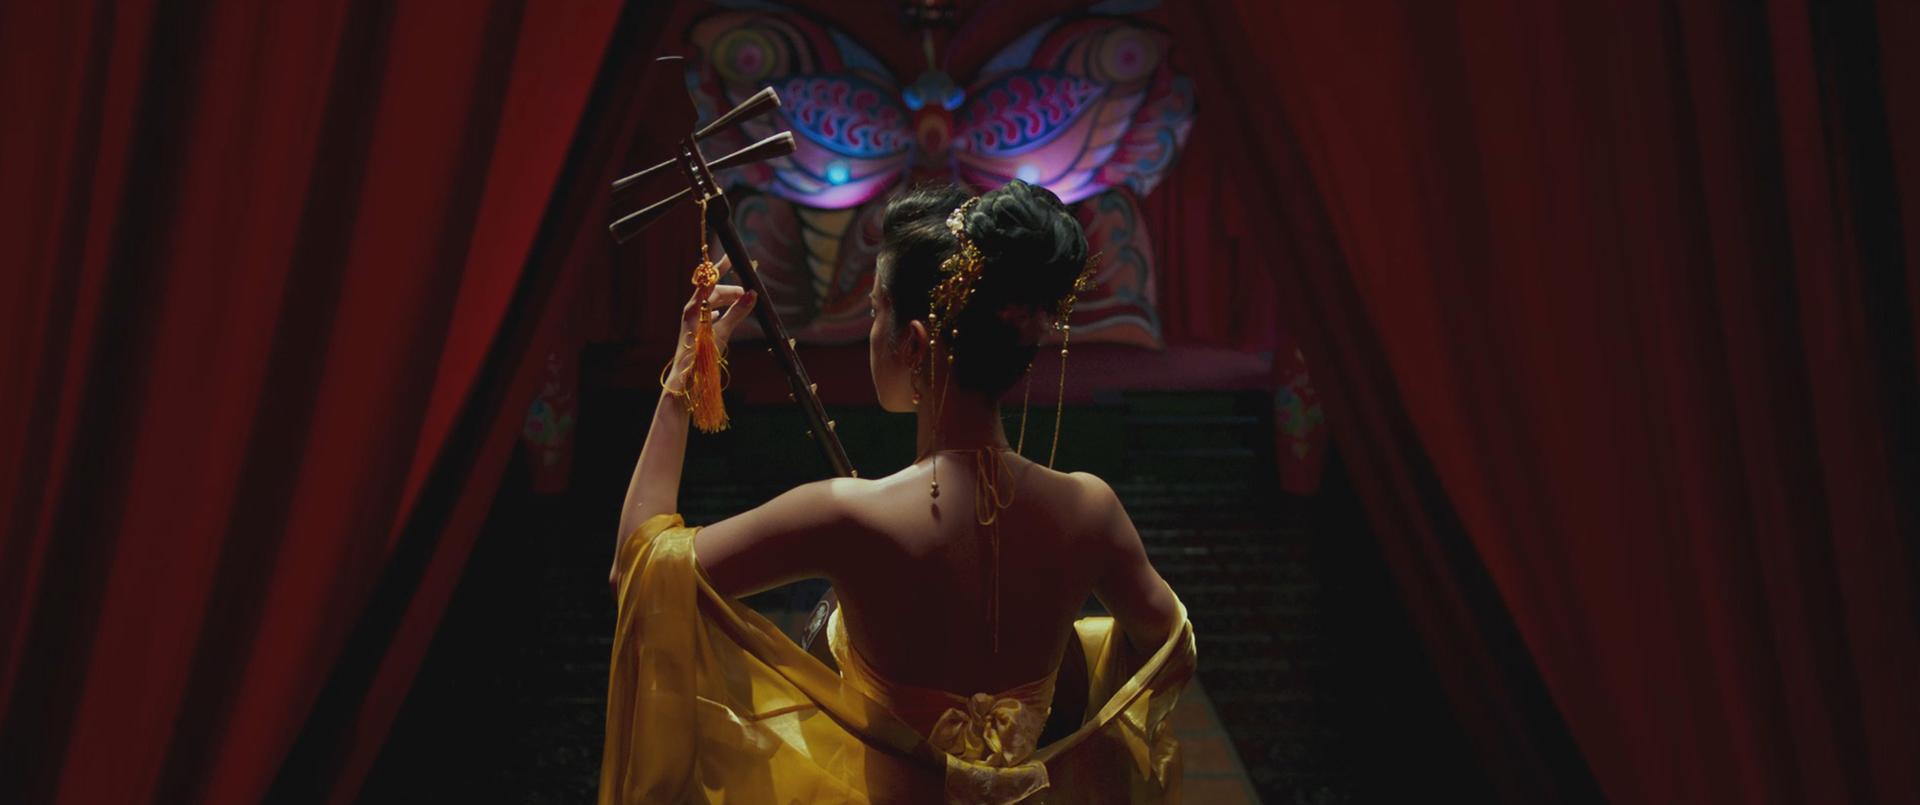 Điện ảnh Việt 2021: Tấp nập các 'bom tấn' văn học được đưa lên màn ảnh rộng 0